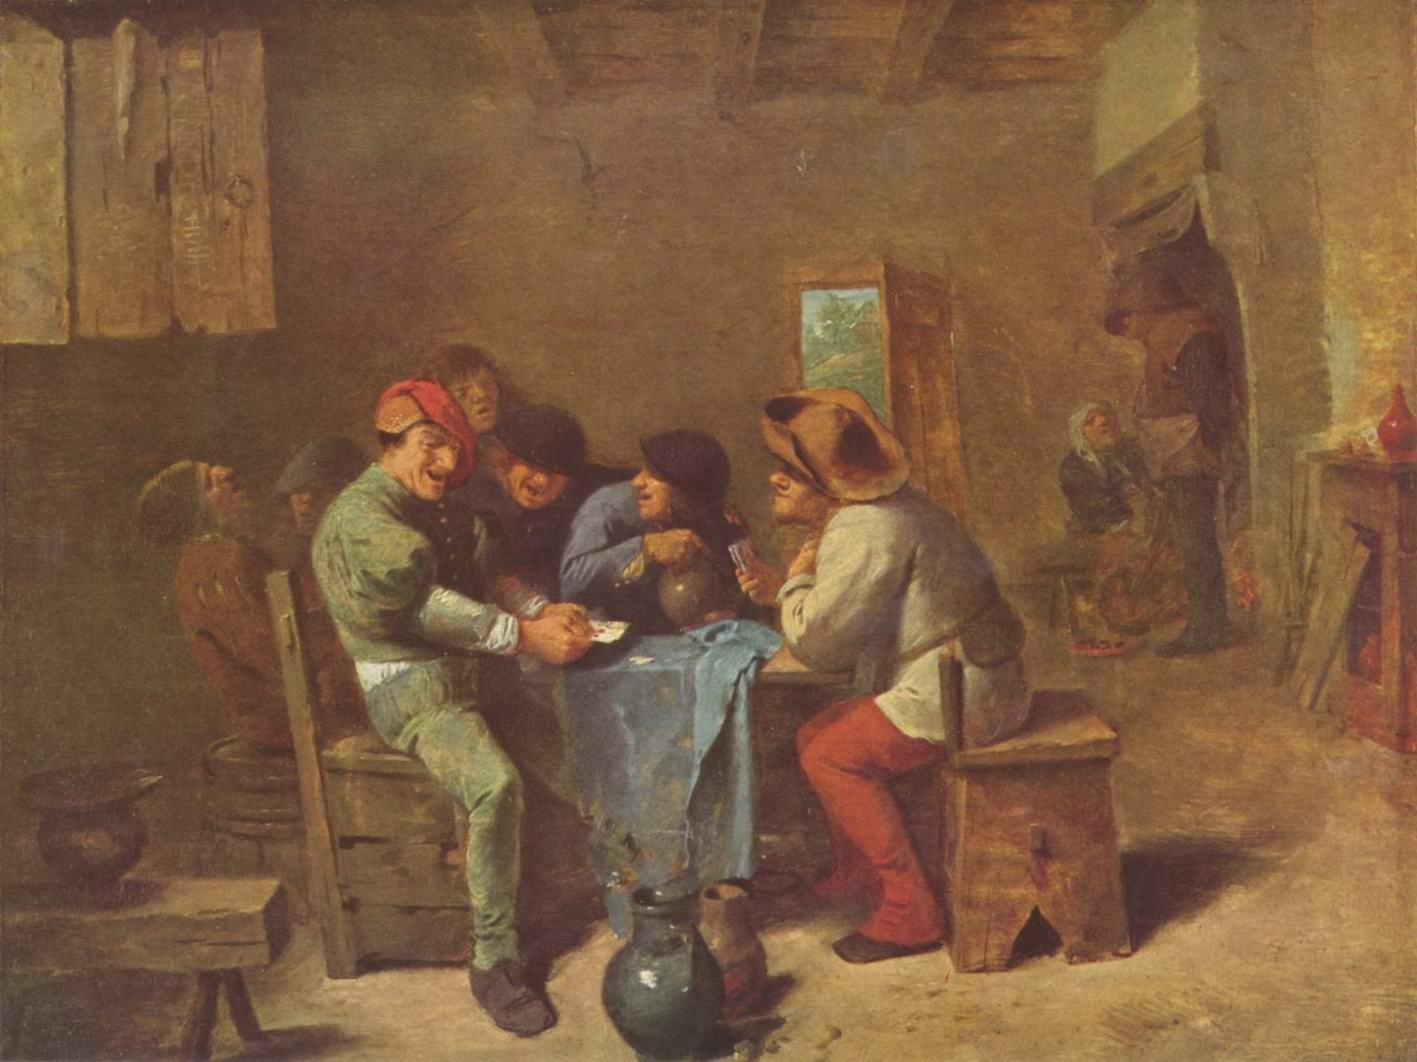 Крестьяне играют в карты в трактире, Браувер Адриан